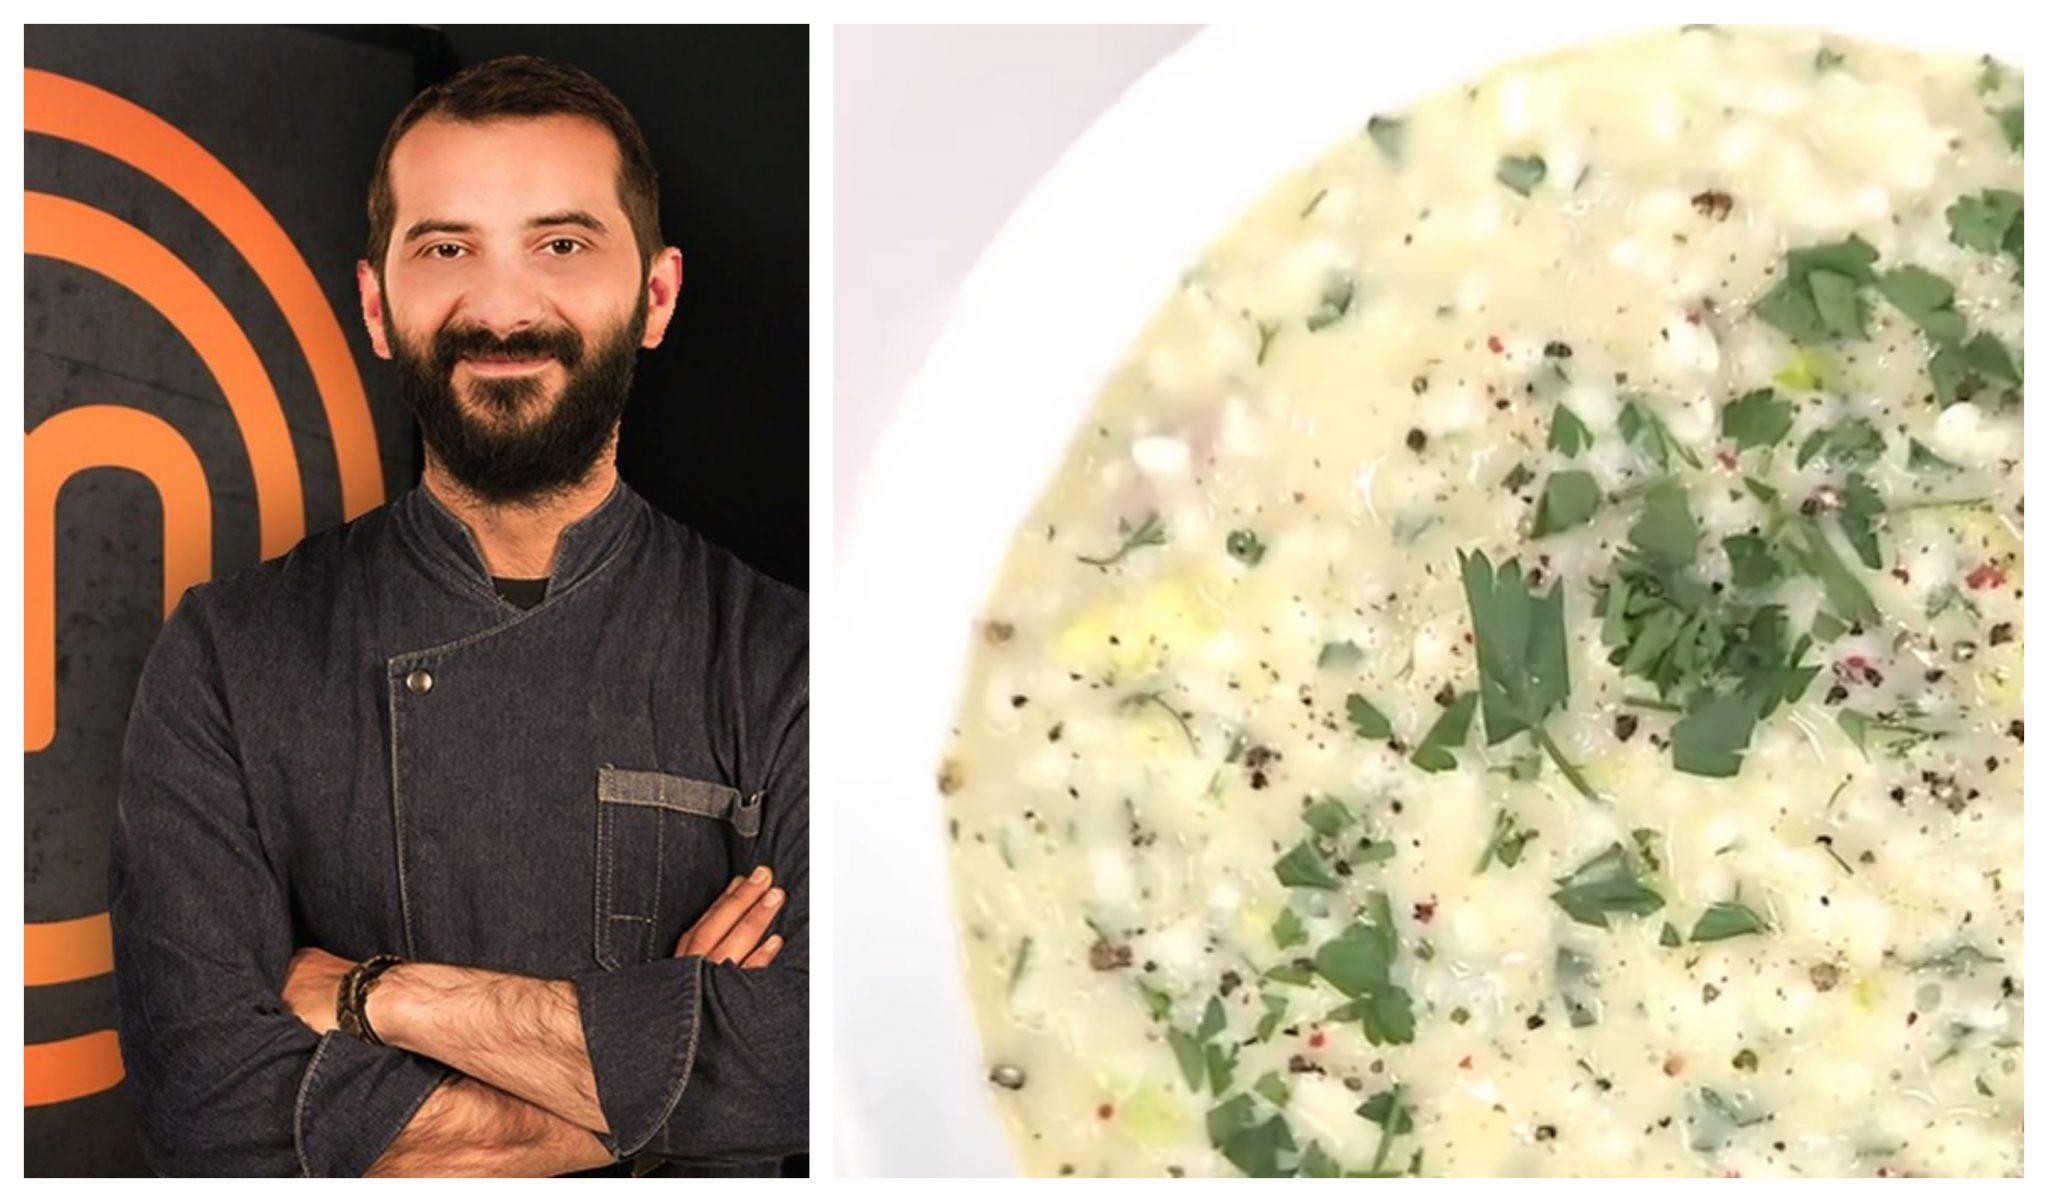 Ριζότο φρικασέ: Ο Λεωνίδας Κουτσόπουλος μας δείχνει πως να φτιάξουμε αυτή την απίθανη συνταγή (ΒΙΝΤΕΟ)